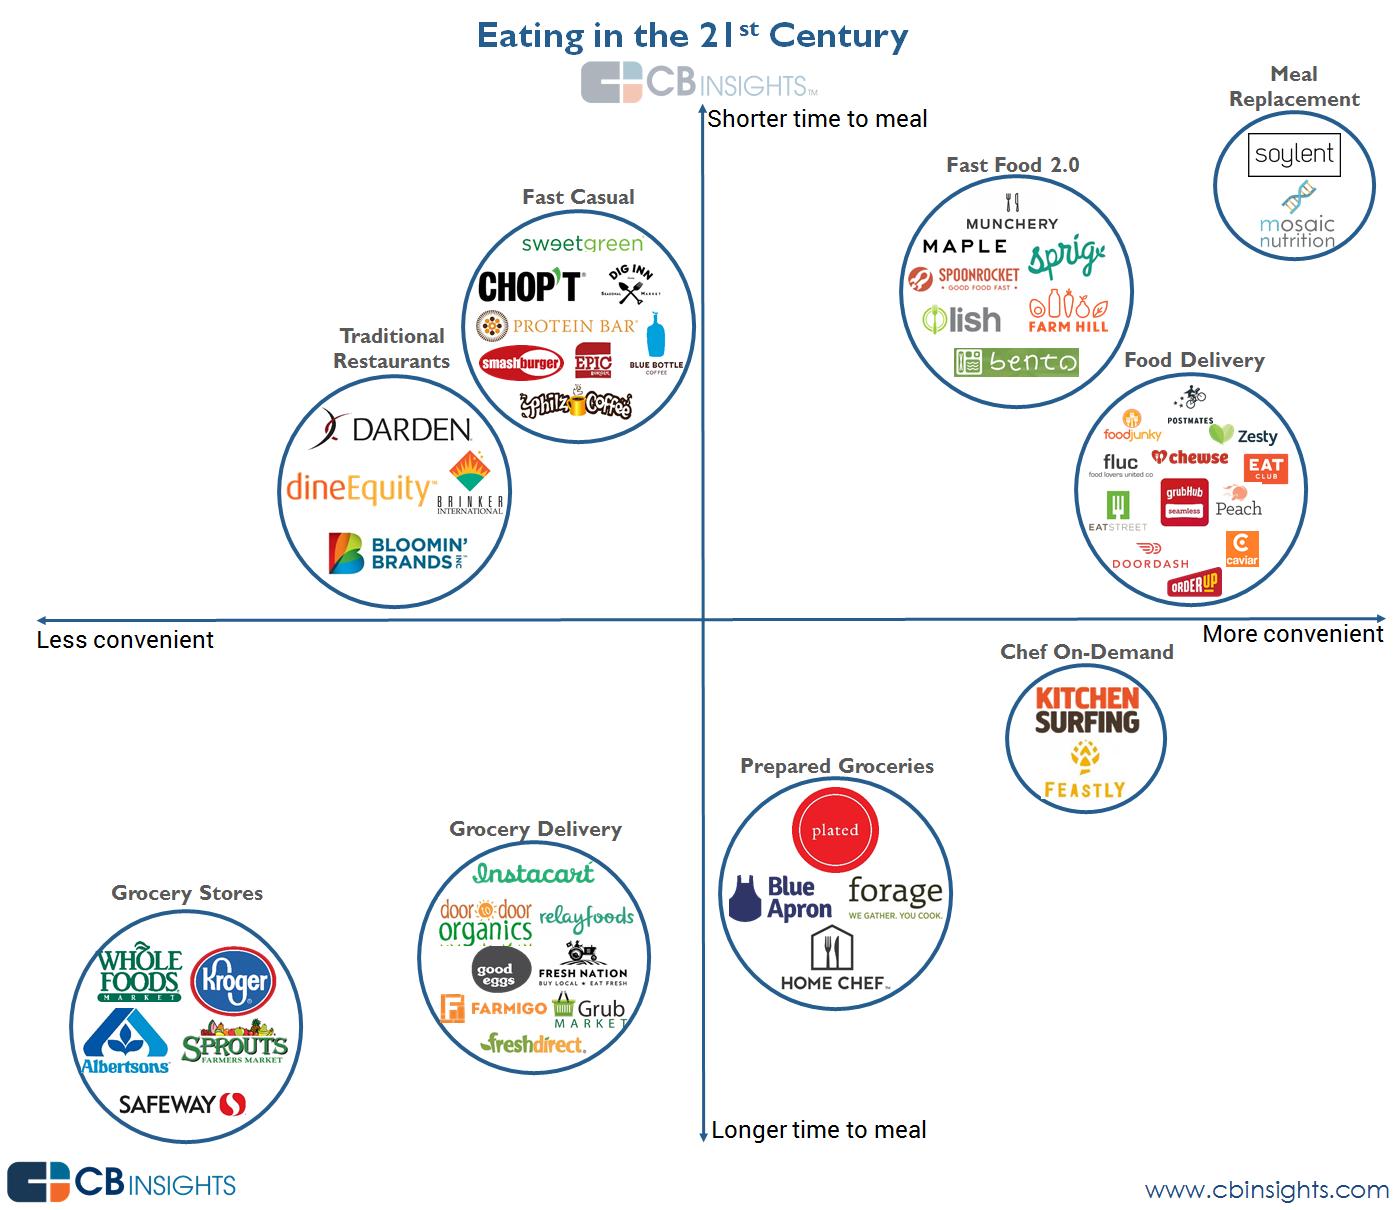 21st century eating quadrant v2